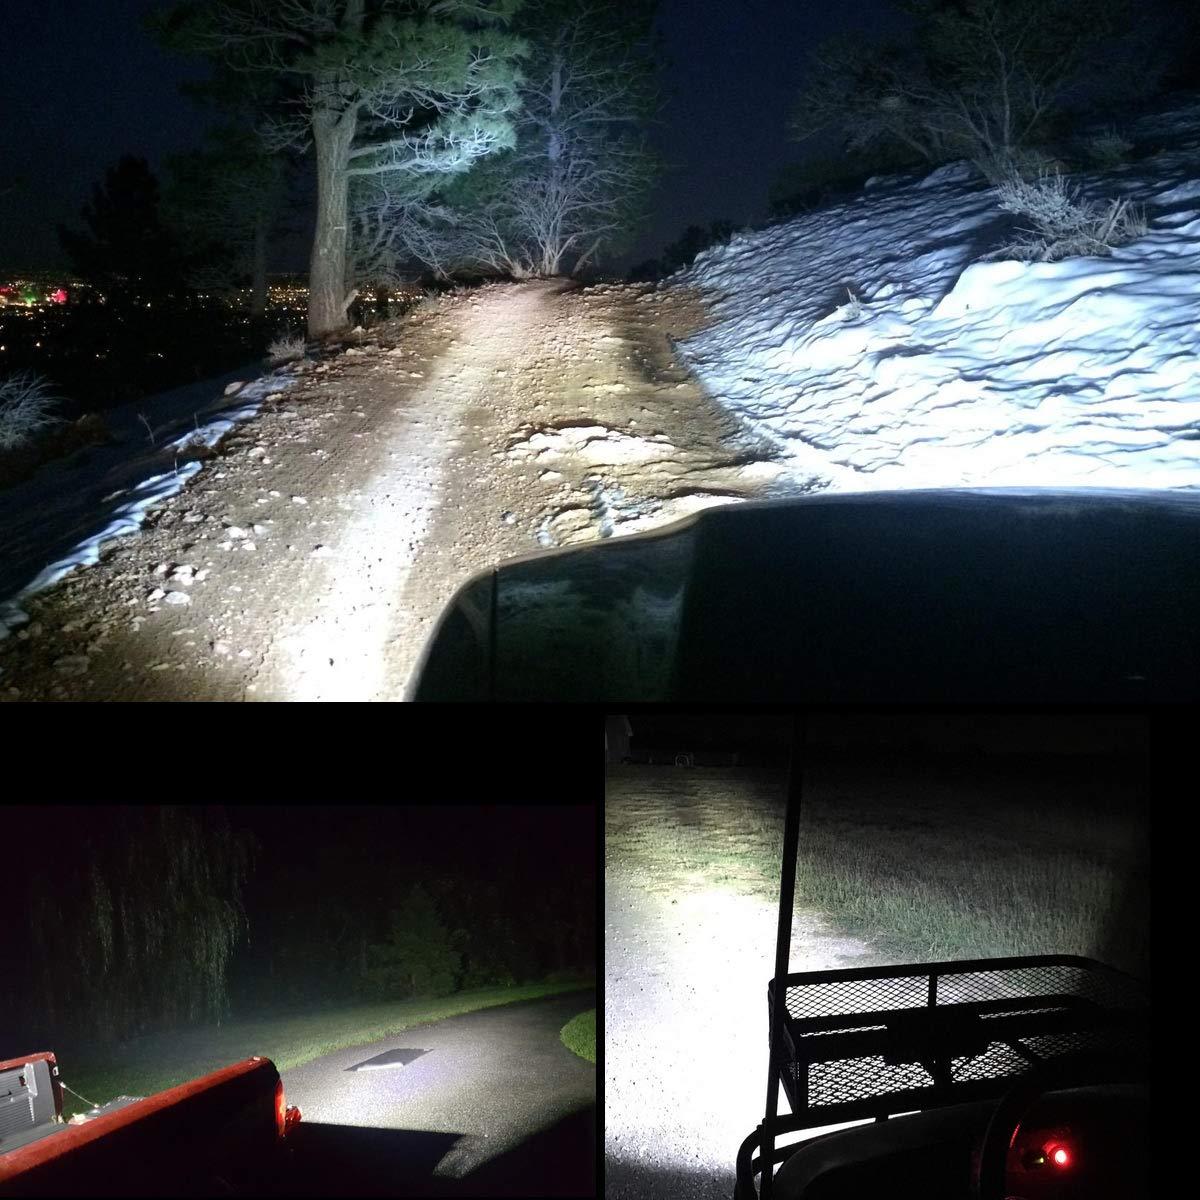 SUV Chantier Tracteur LE Lighting EVER Projecteur Phare LED Feu Travail 72W Phare Longue Port/ée LED pour V/éhicule Lot de 2 Bateau 144W au total 6000K Imperm/éable IP67 Camion